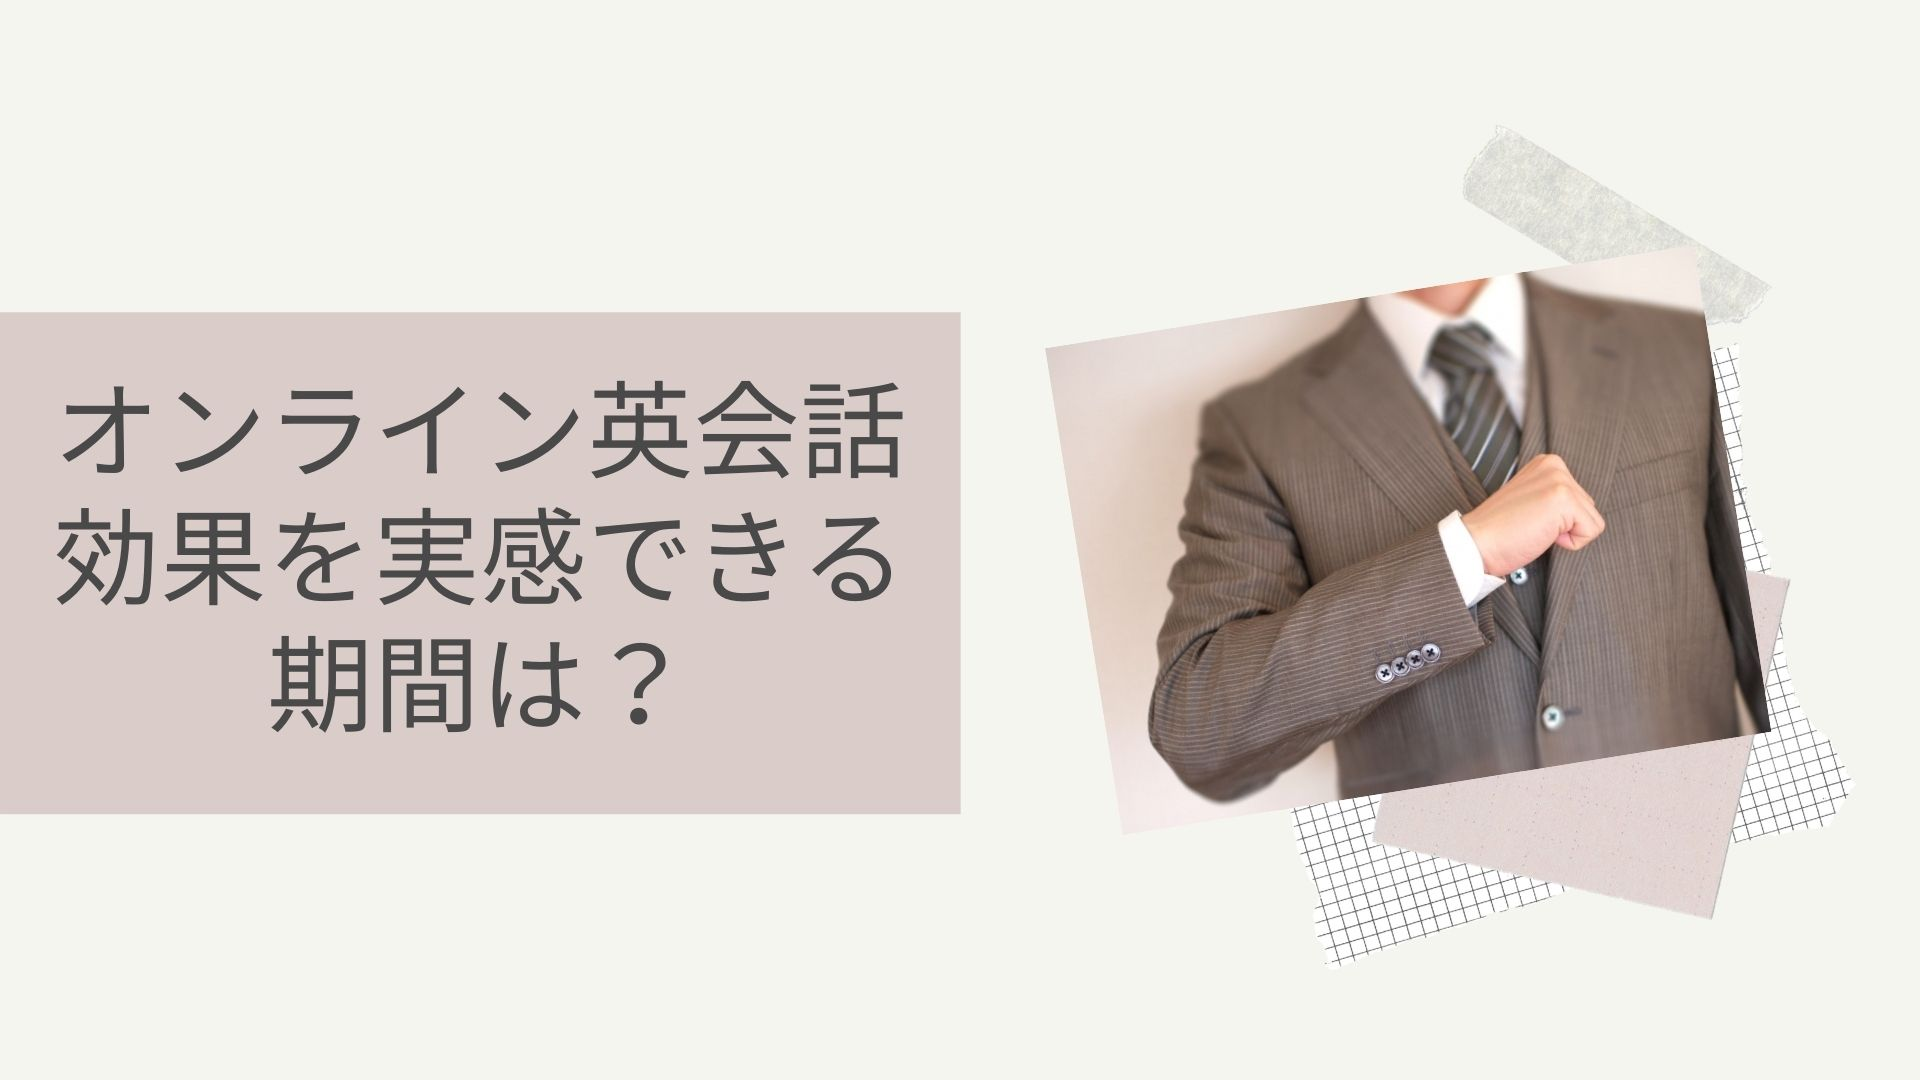 オンライン英会話の効果を実感するにはどのくらいかかる?効果が期待できる活用法まで徹底解説!